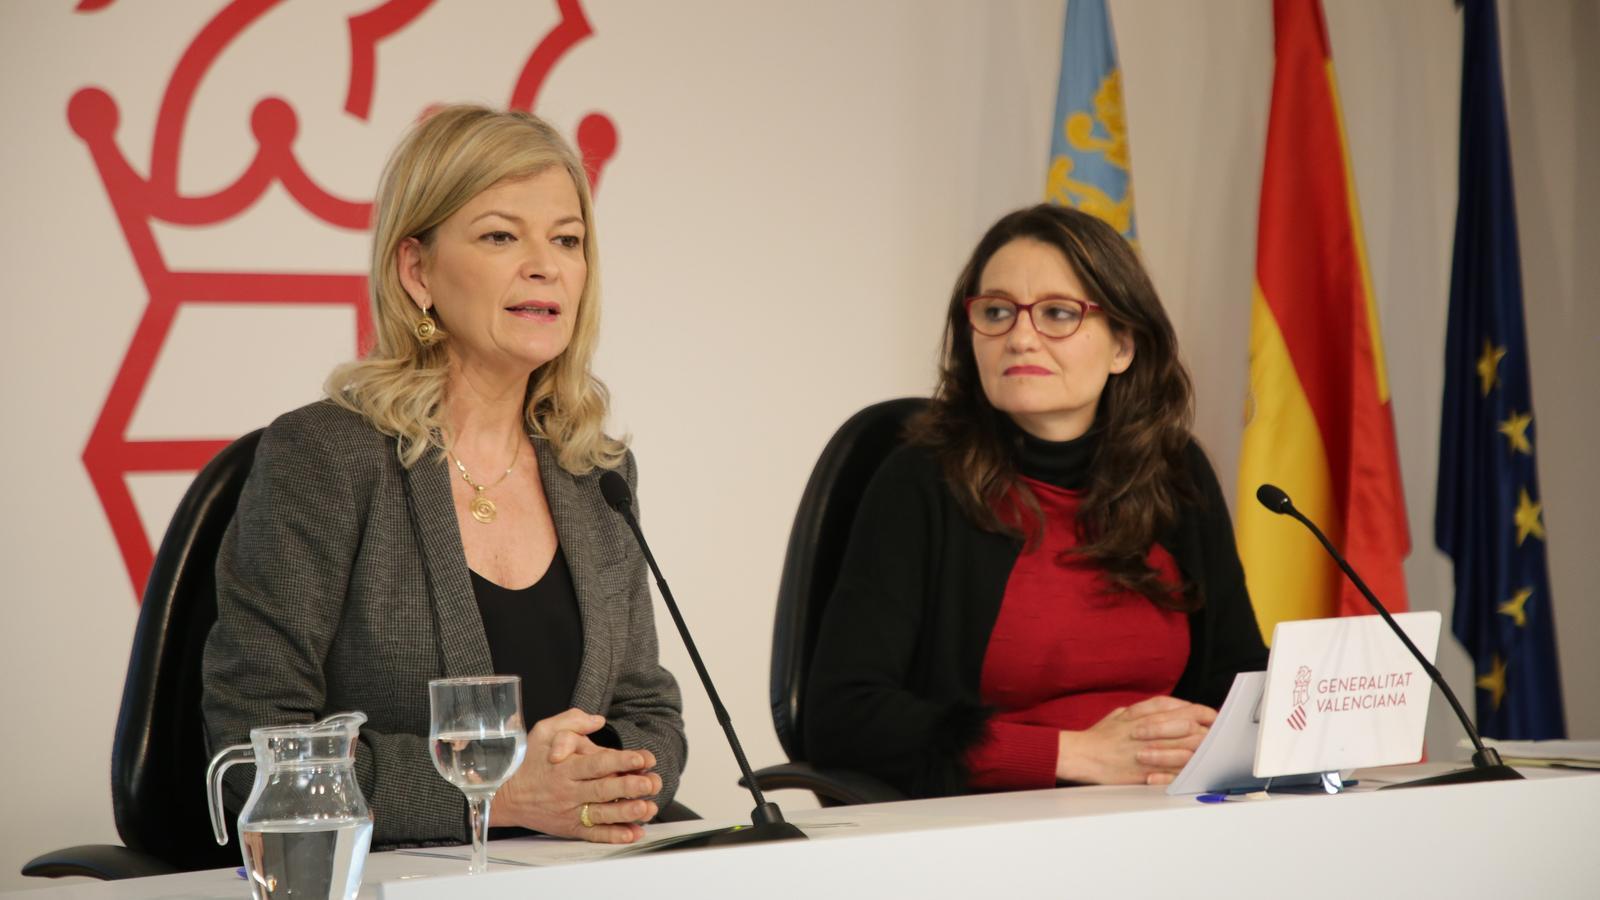 La consellera deJustícia, Interior i Administració Pública, Gabriela Bravo (e), i la vicepresidenta i portaveu del Consell, Mónica Oltra